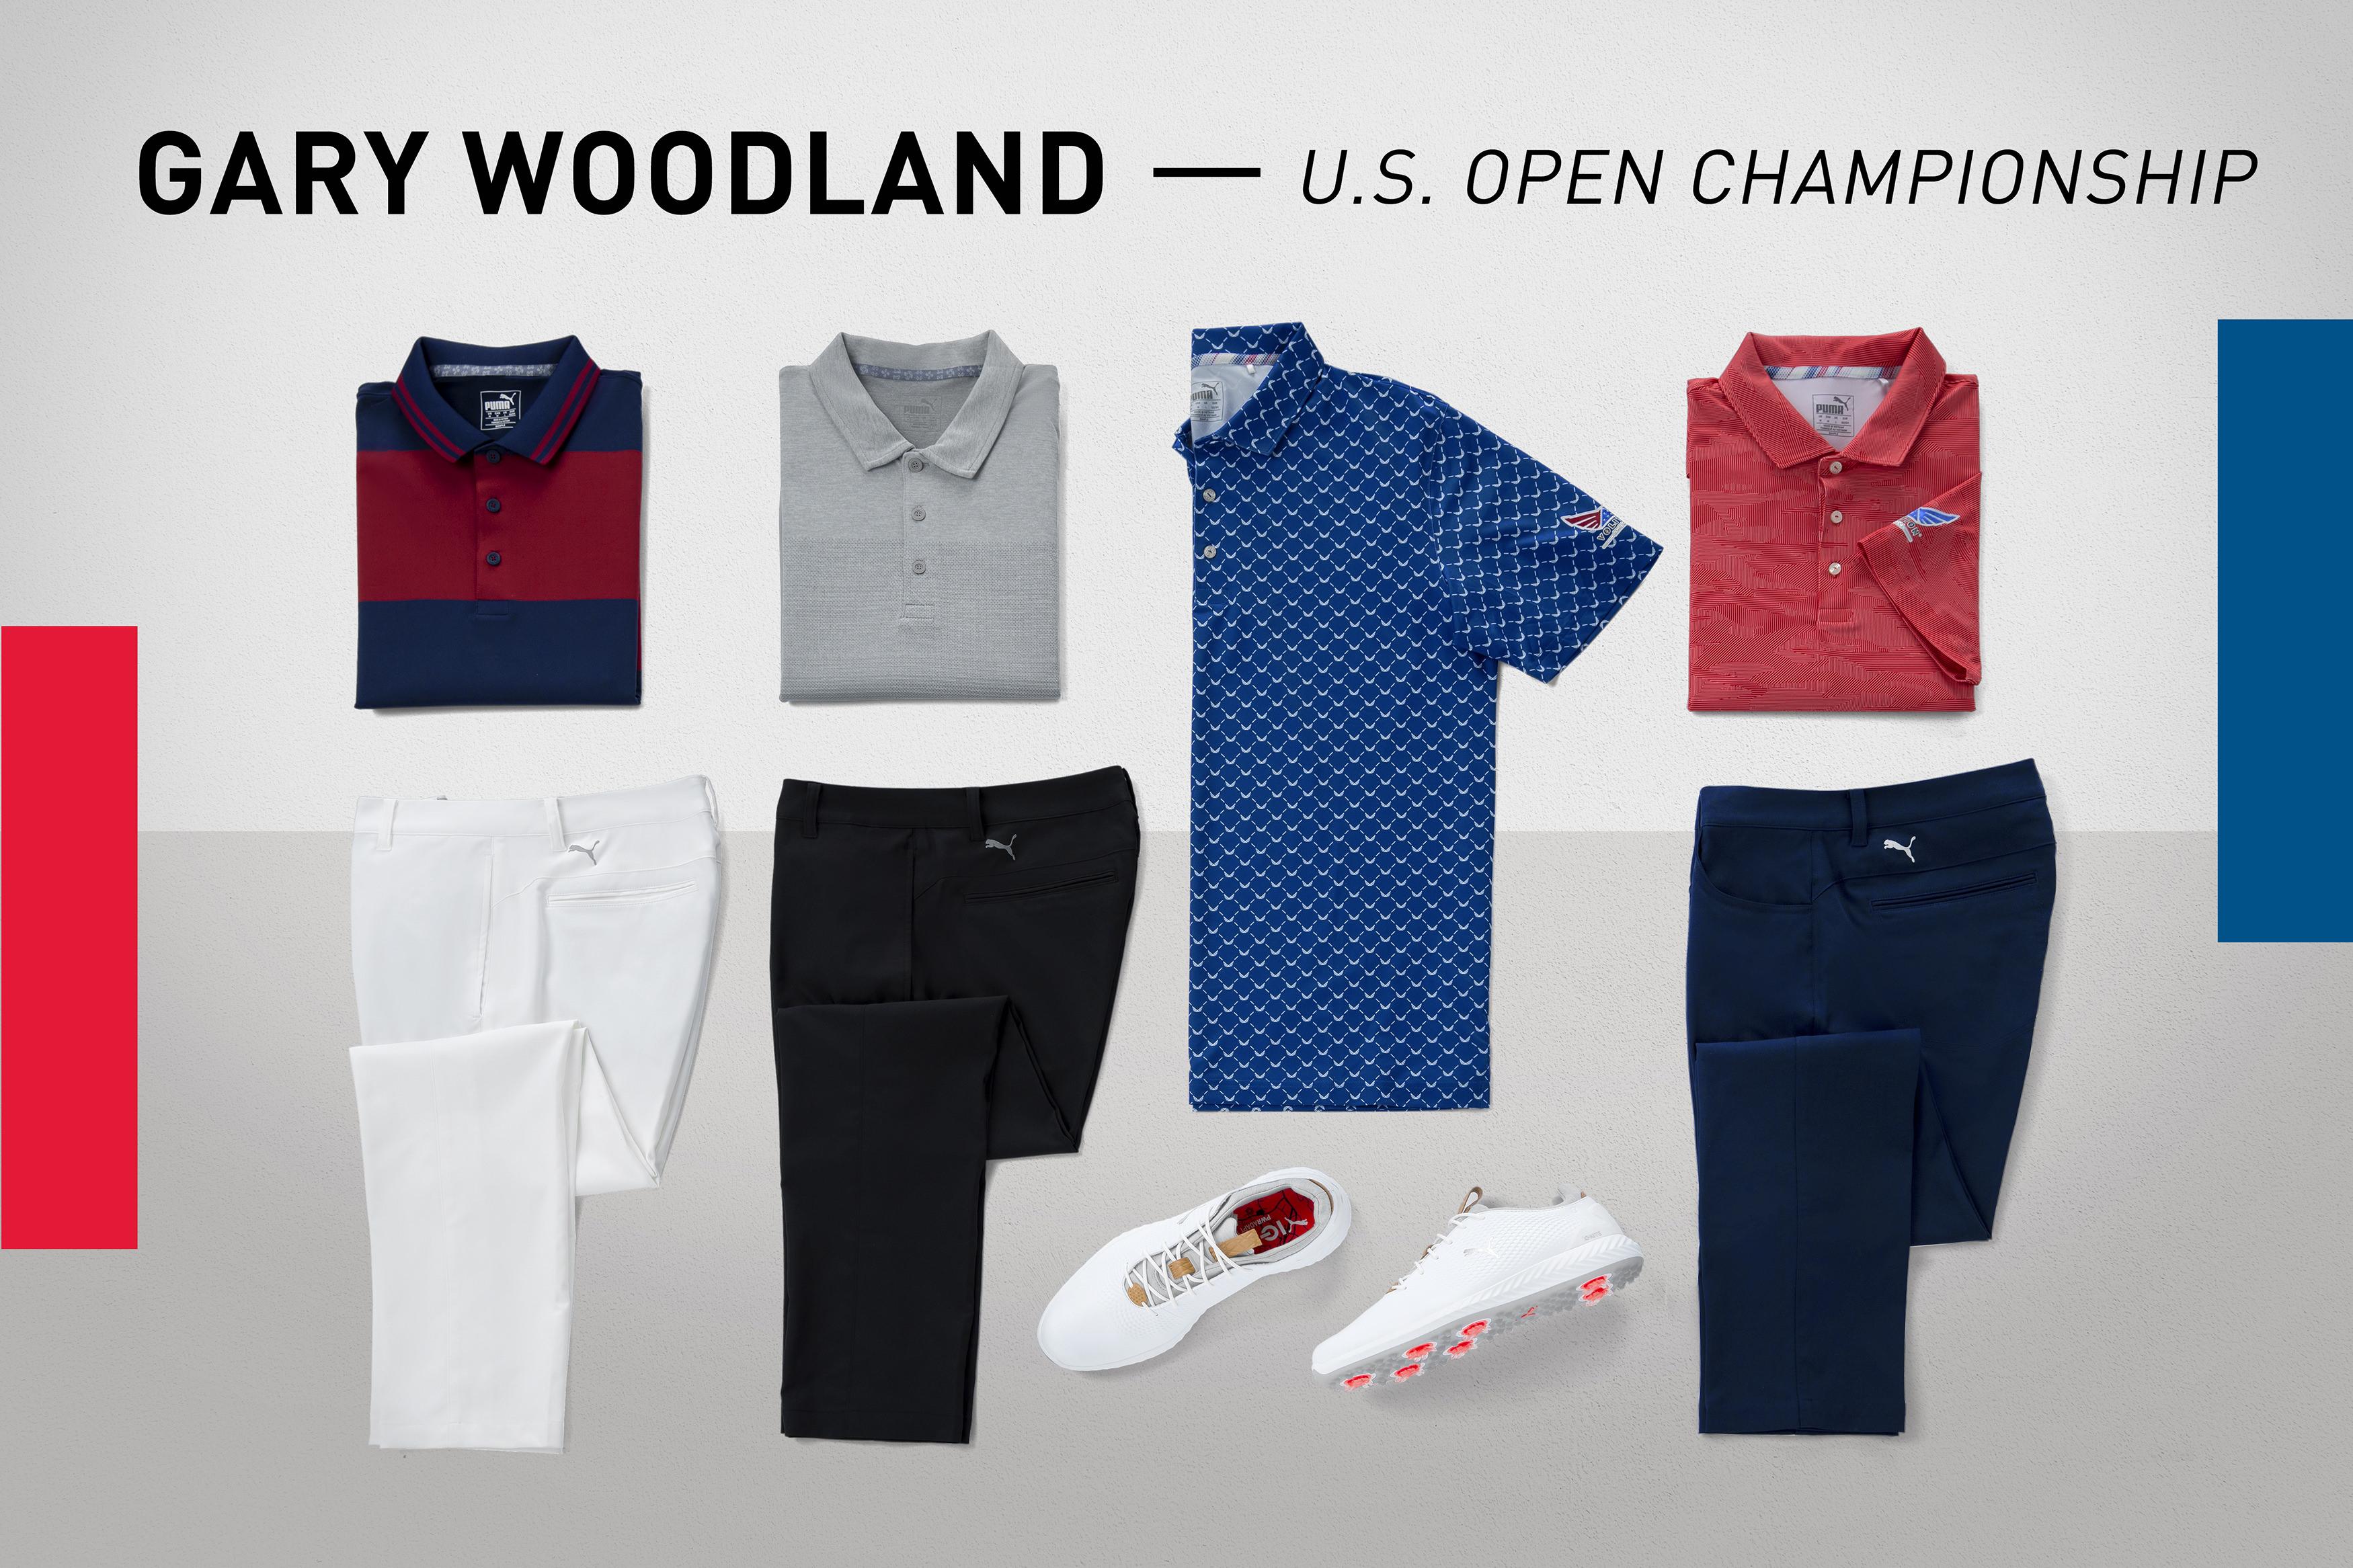 US Open equipment